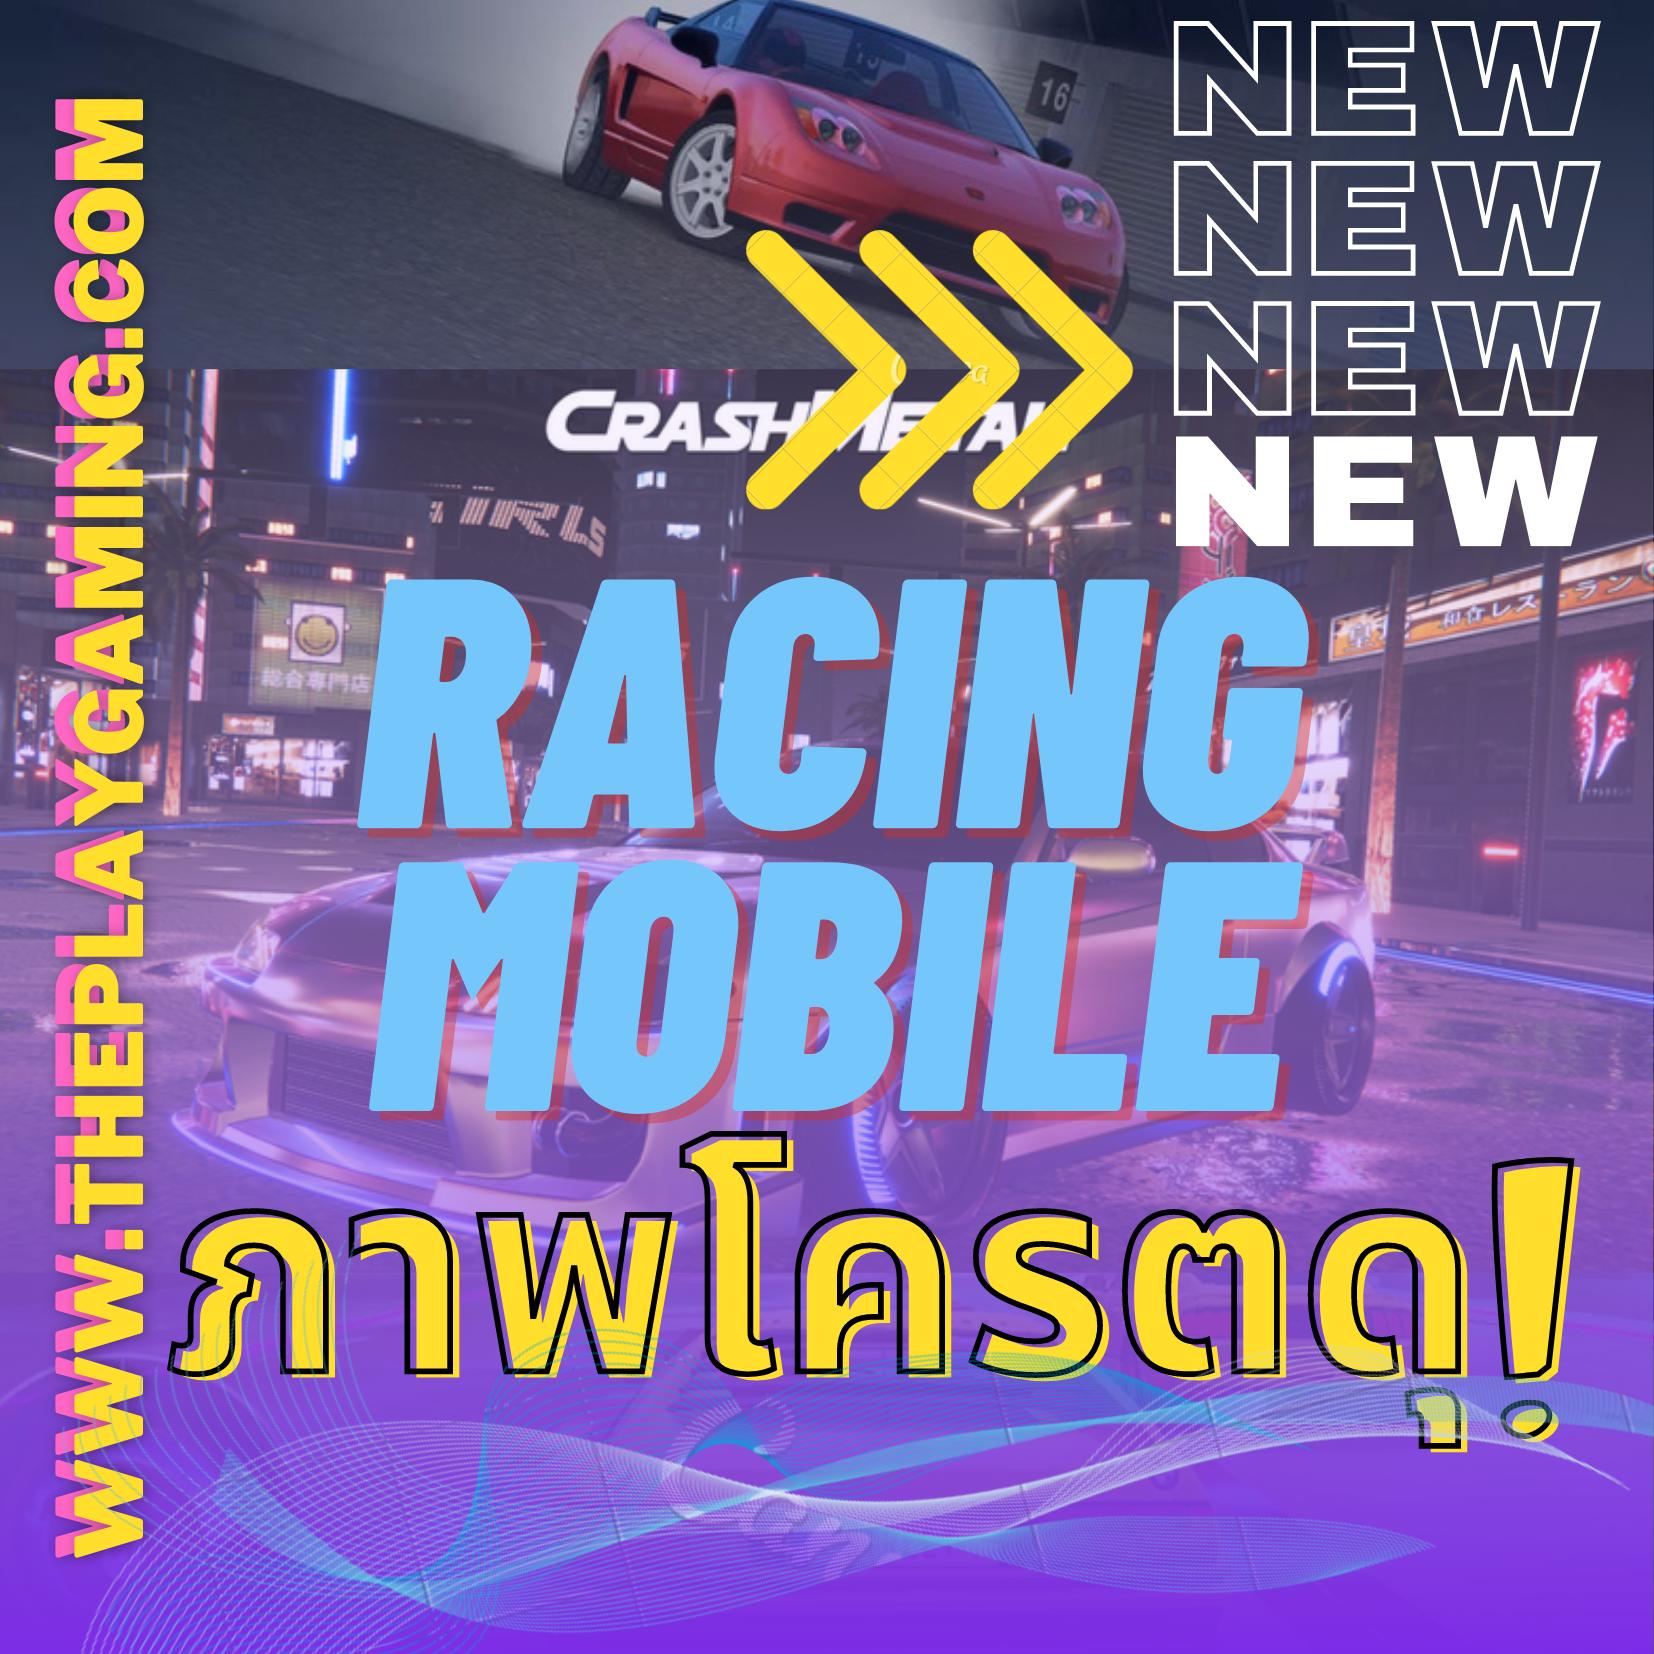 มีกราฟฟิกมากคุณภาพอย่าง Remove term: game racing new2020 game racing new2020Remove term: เกมมือถือมาใหม่2020 เกมมือถือมาใหม่2020Remove term: เกมมือถือออนไลน์ยอดนิยม เกมมือถือออนไลน์ยอดนิยมRemove term: เกมแข่งรถภาพสวย เกมแข่งรถภาพสวยRemove term: เกมแข่งรถมาใหม่ เกมแข่งรถมาใหม่Remove term: เกมแข่งรถมาใหม่2020 เกมแข่งรถมาใหม่2020Remove term: เกมแข่งรถสมจริง เกมแข่งรถสมจริงแท้จริง เกมมือถือแนวแข่งรถมาใหม่ ภาพสวยโครตดุ เกมมือถือแข่งรถ2020 เกมแข่งรถ กึ่งภาพกราฟฟิกแบบ 3 มิติ